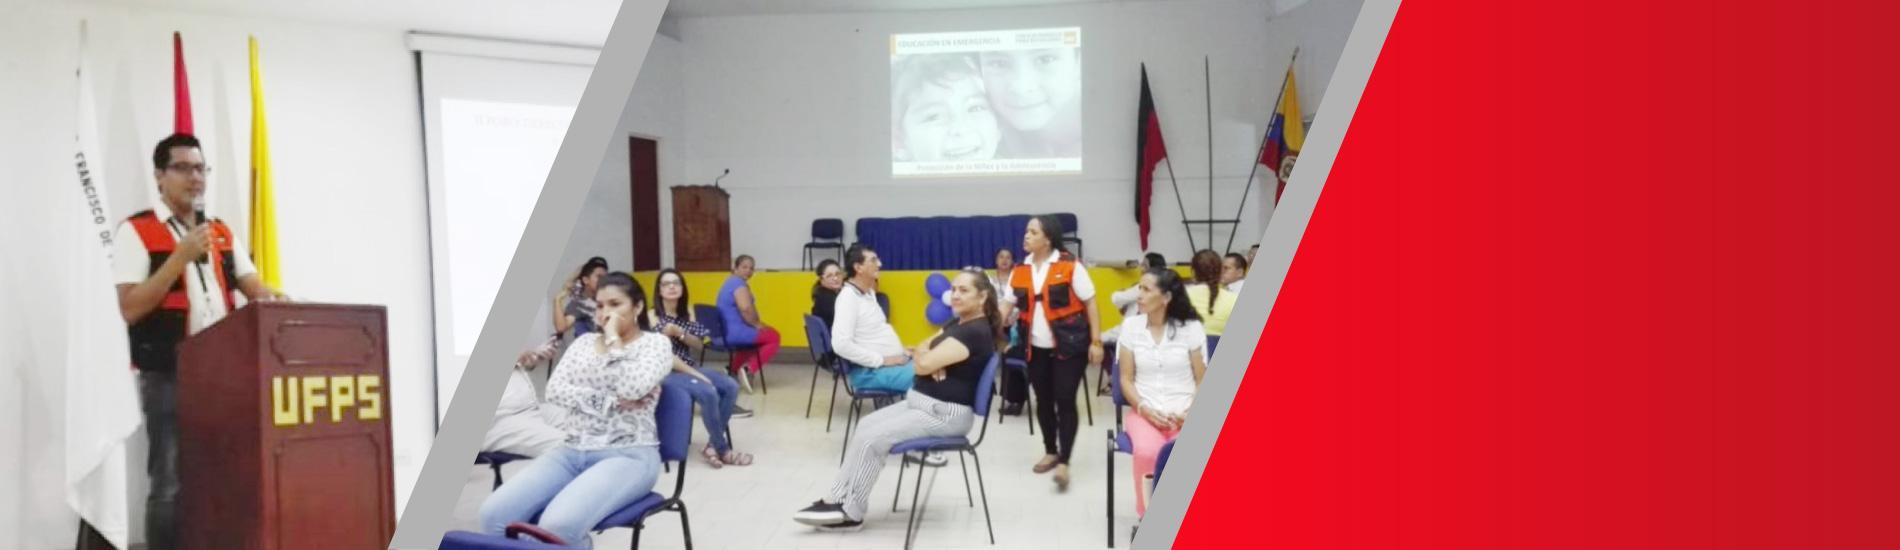 Somos educación: proyecto que busca llevar educación de calidad a zonas rurales de Norte de Santander y Arauca con el apoyo de la UFPS